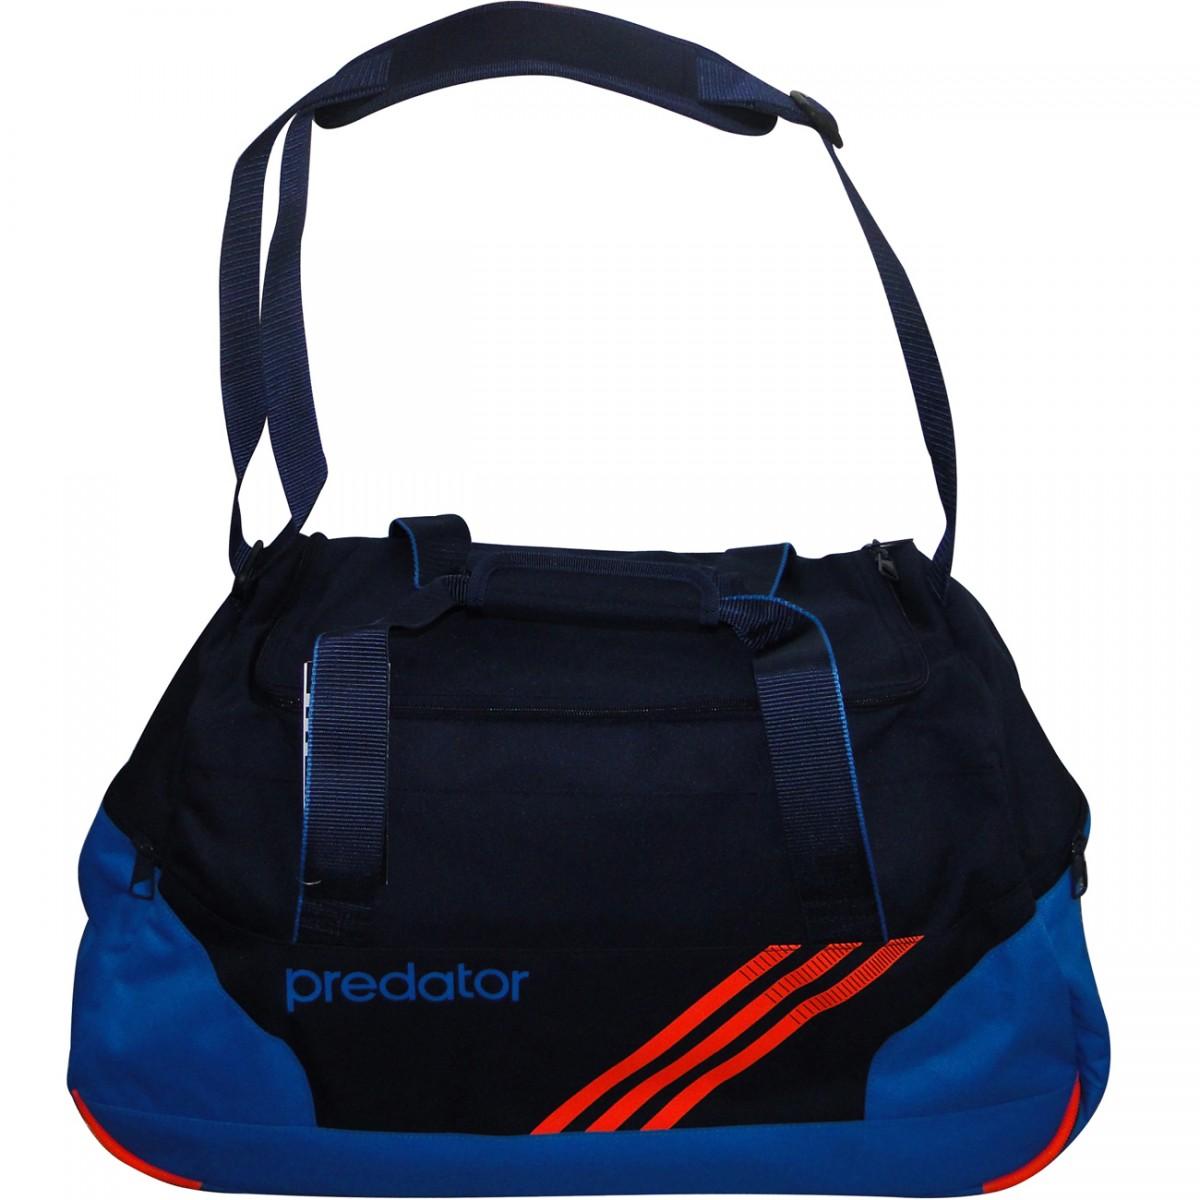 ... buy bolsa adidas predator w38065 marinho azul laranja chuteira nike  adidas. sandalias femininas. sandy ... 371c72680b702